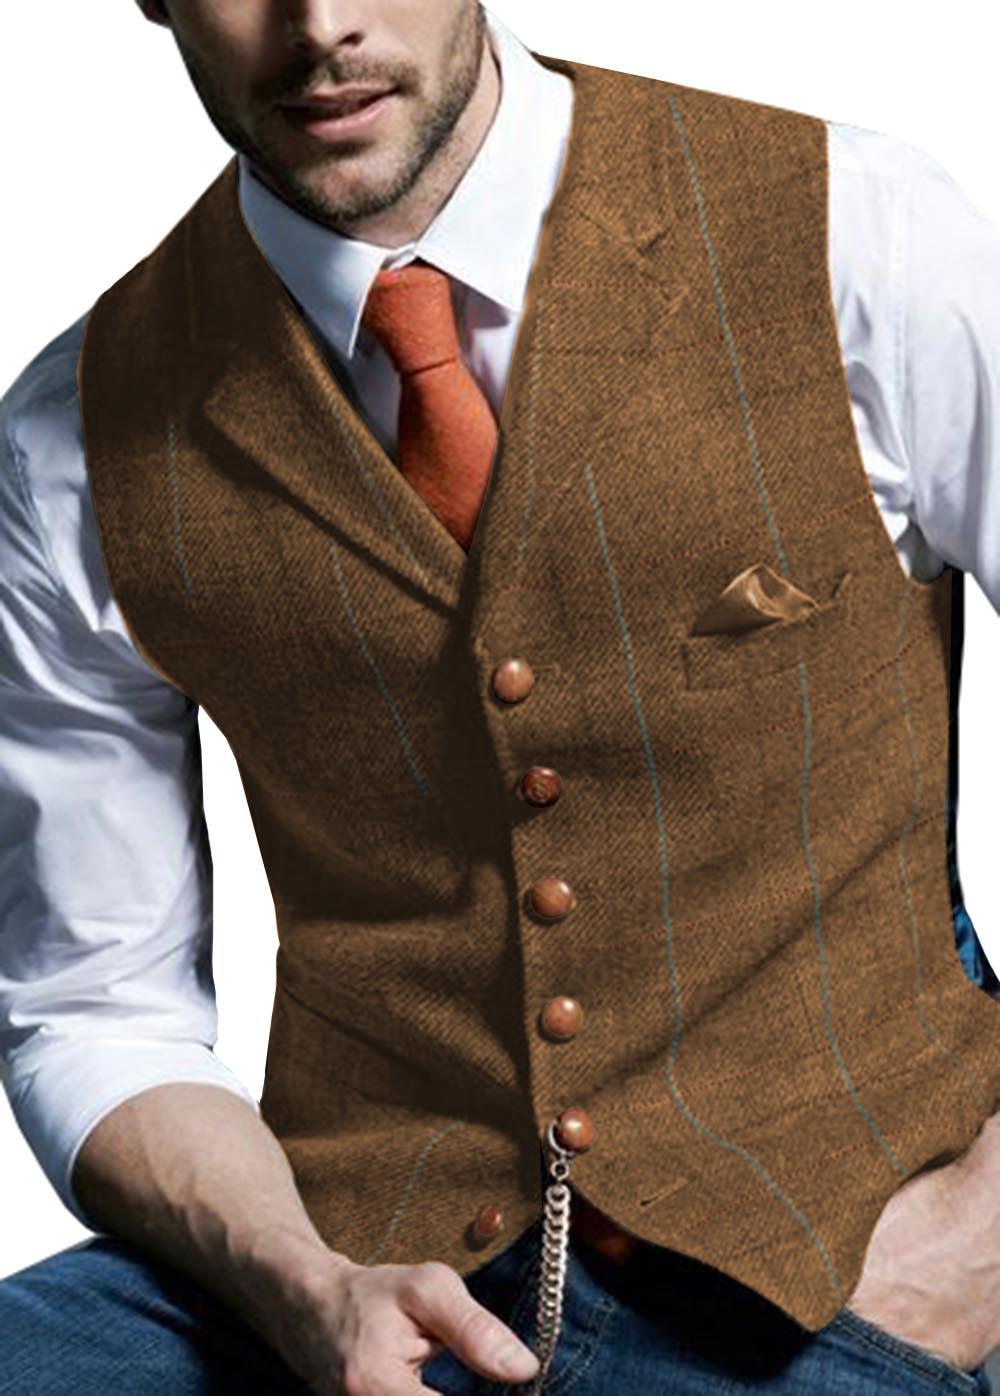 سترة بدلة تويد متعرجة للرجال ، صوف متقلب ، كاجوال ، أعمال رسمية ، زفاف ، أخضر ، بني ، أخضر ، رمادي